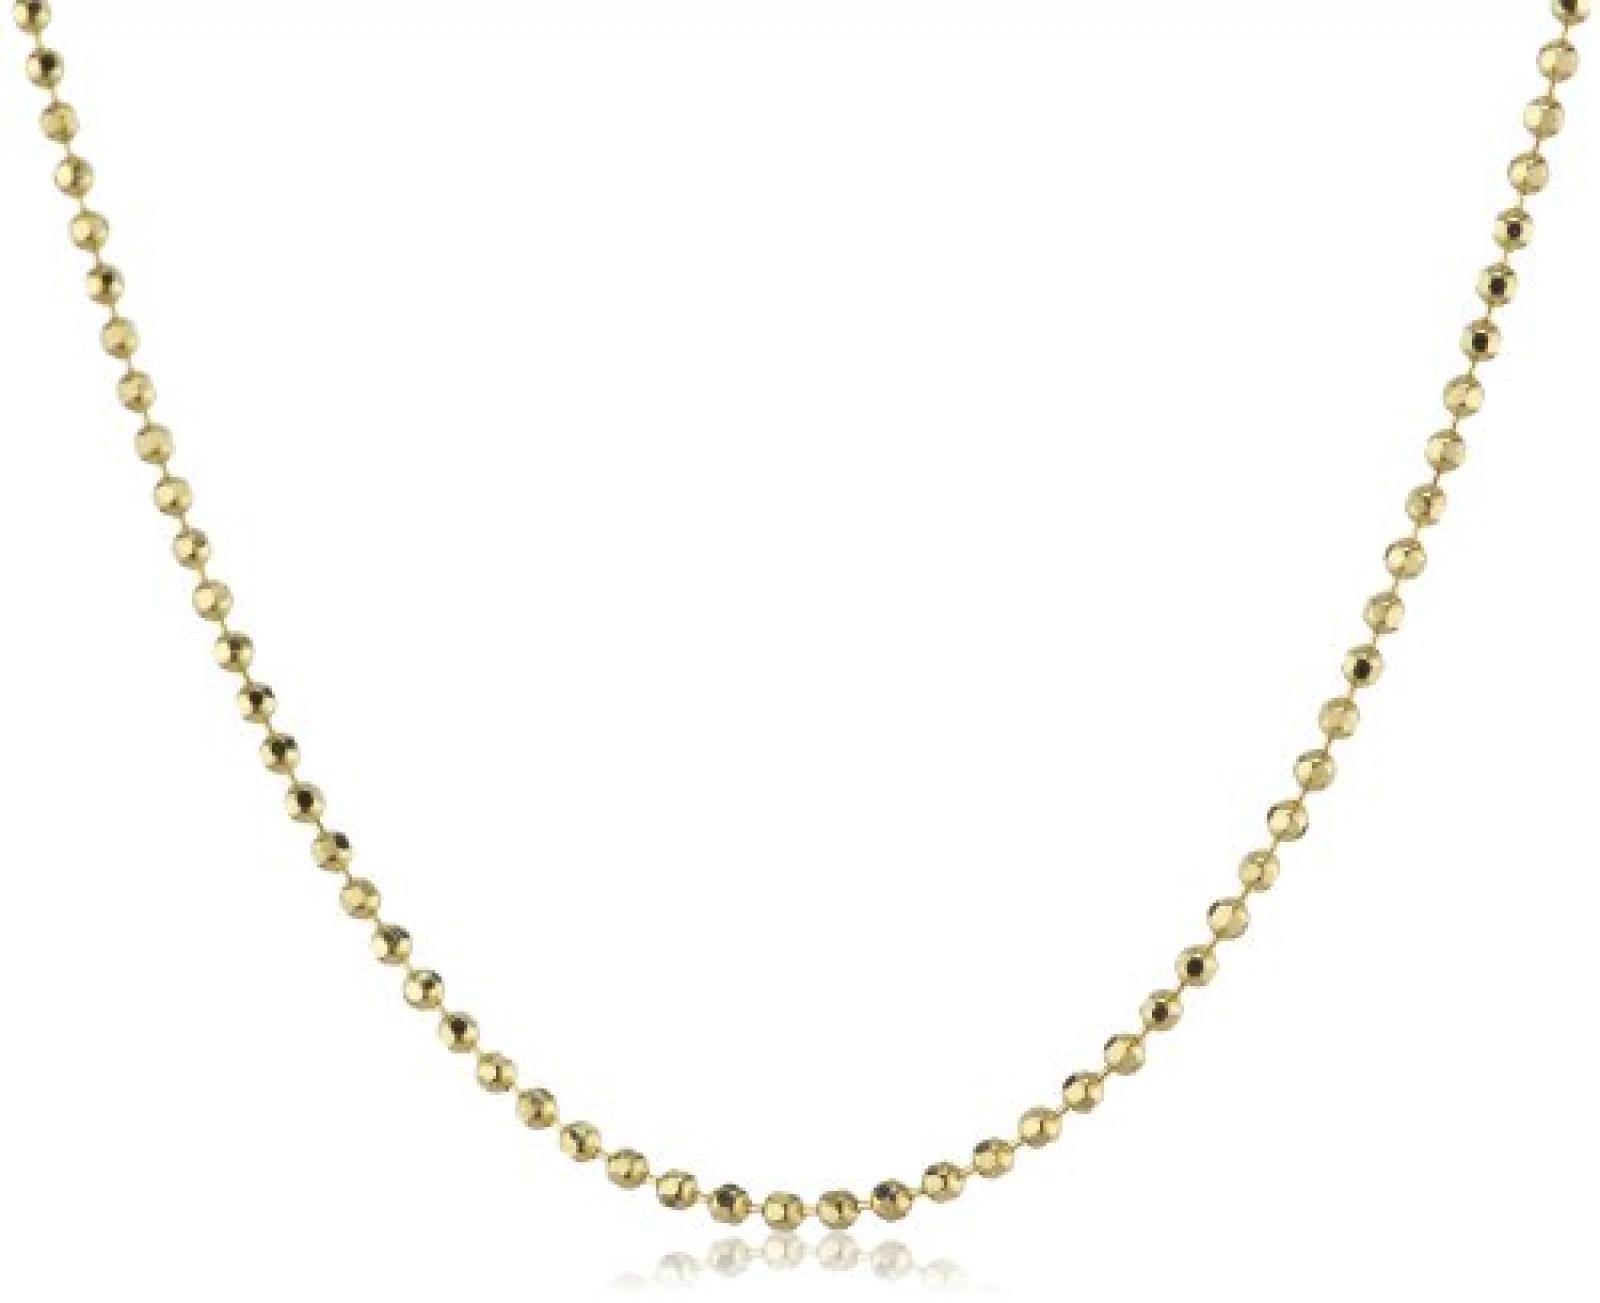 Amor Jewelry Damen-Halskette 8 Karat 333 Gelbgold 270618